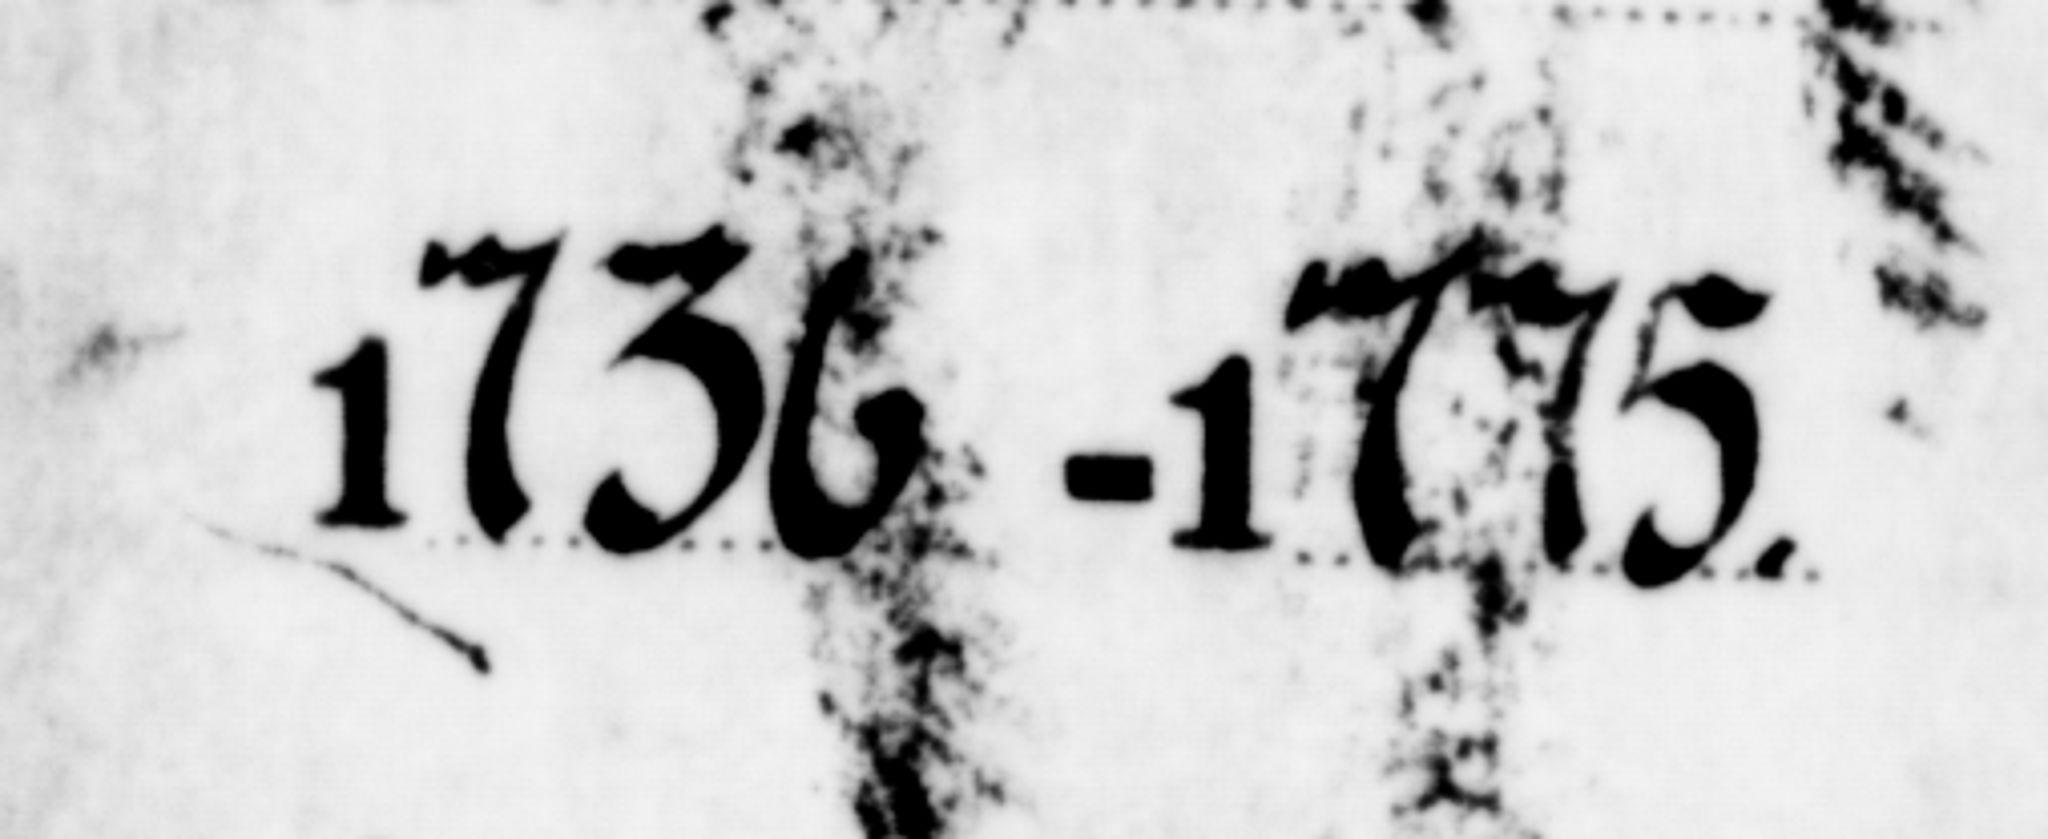 SAT, Ministerialprotokoller, klokkerbøker og fødselsregistre - Sør-Trøndelag, 634/L0525: Ministerialbok nr. 634A01, 1736-1775